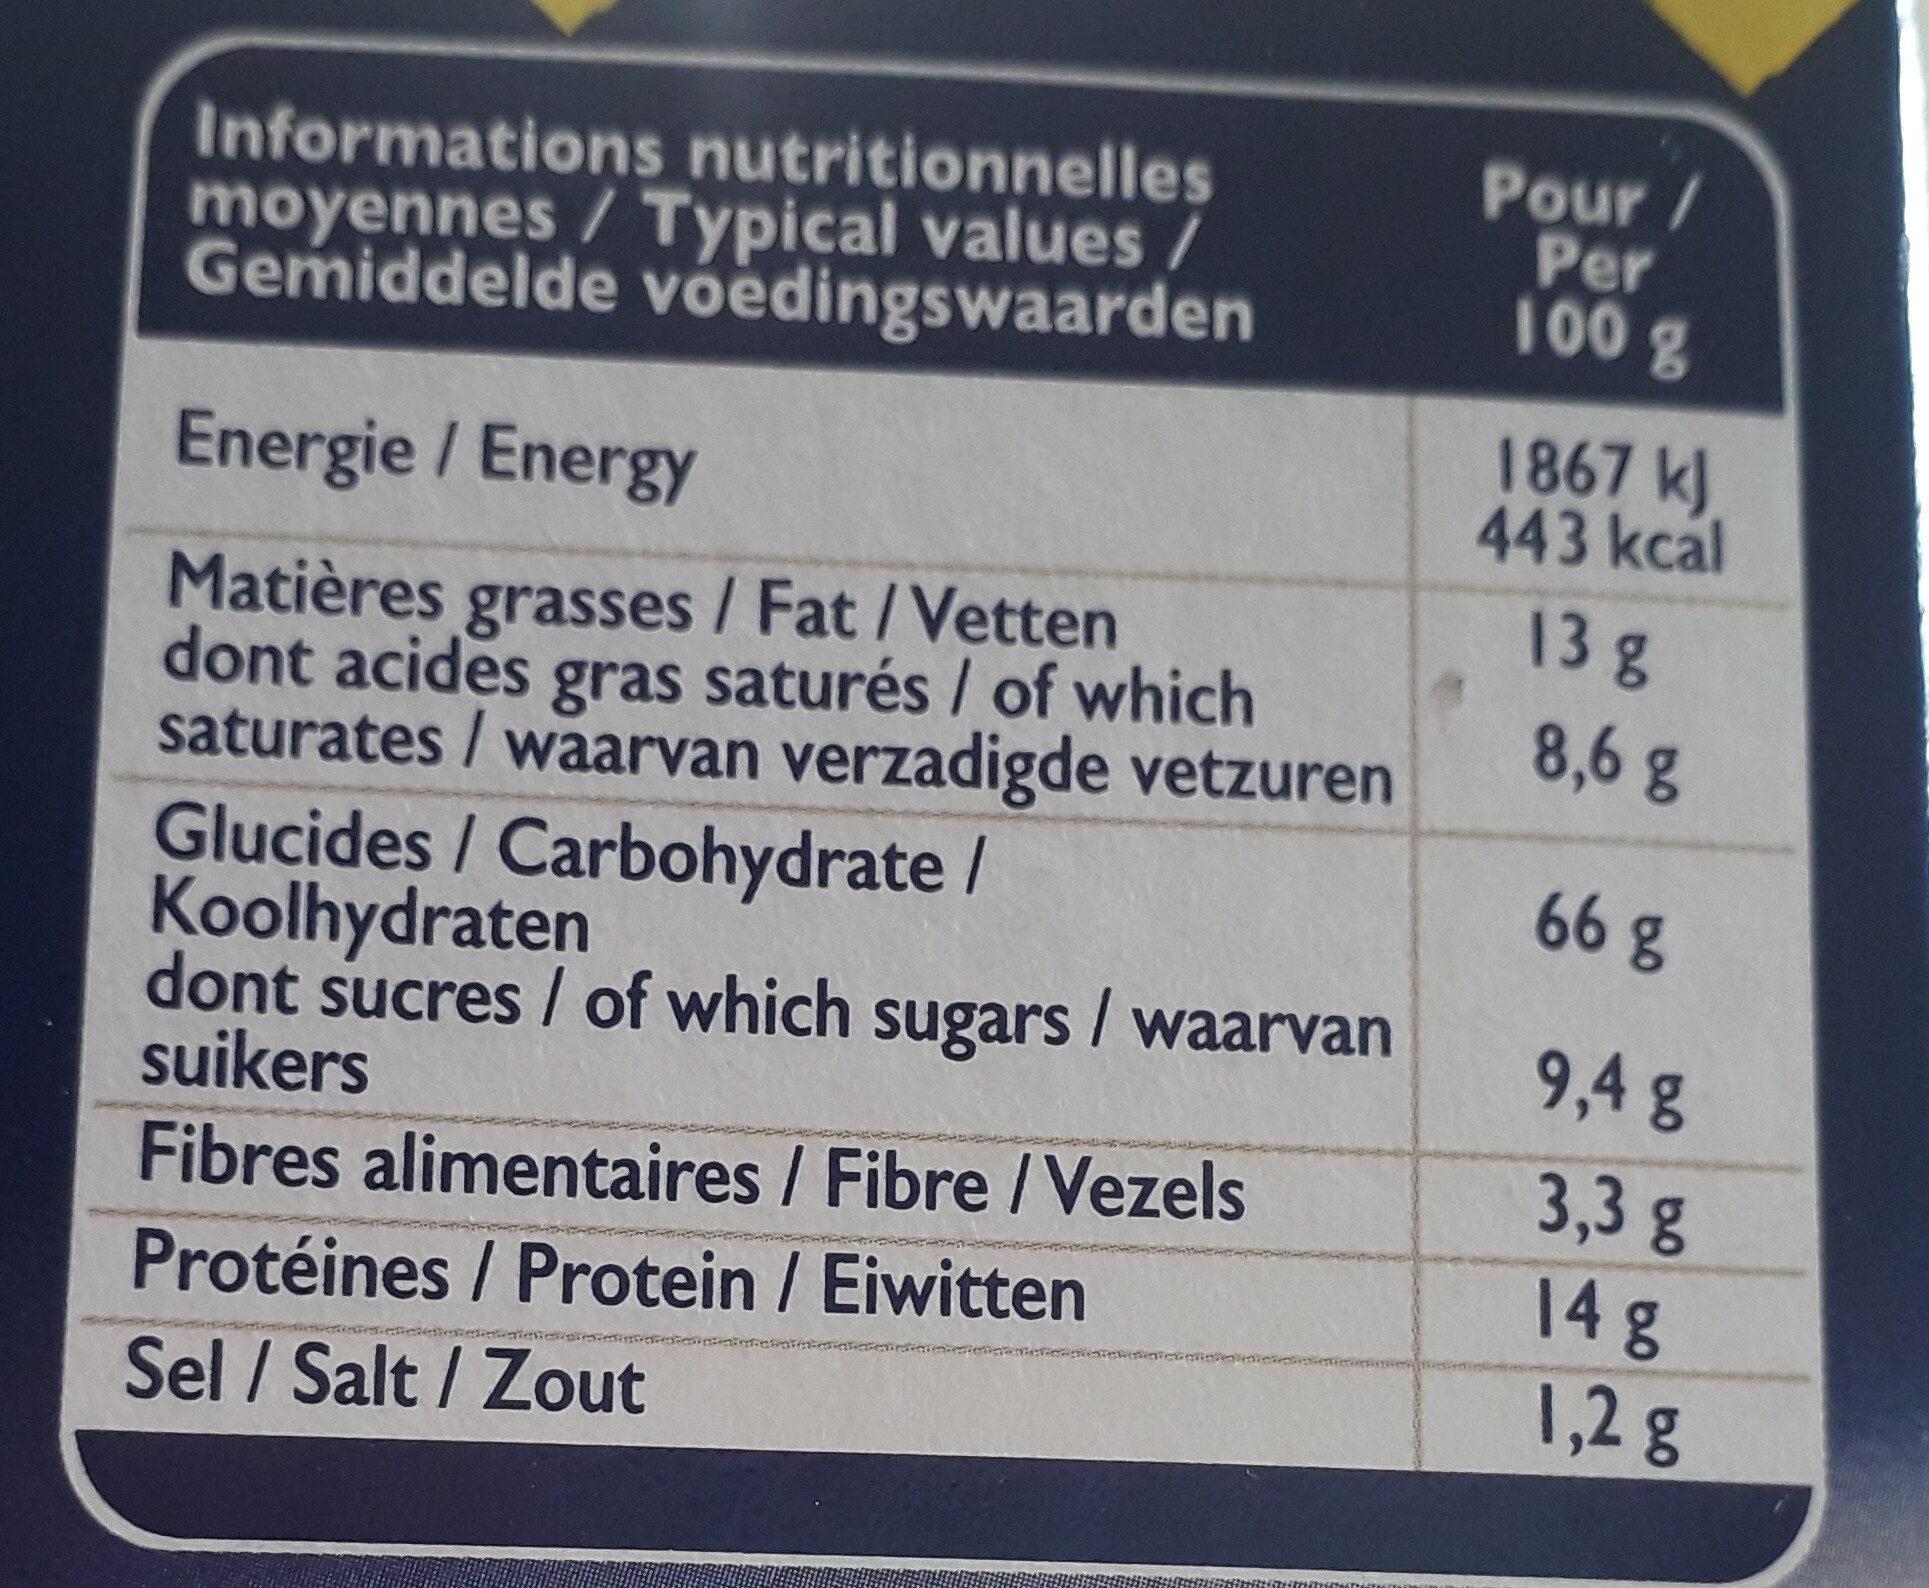 Grilletine briochée - Nutrition facts - fr